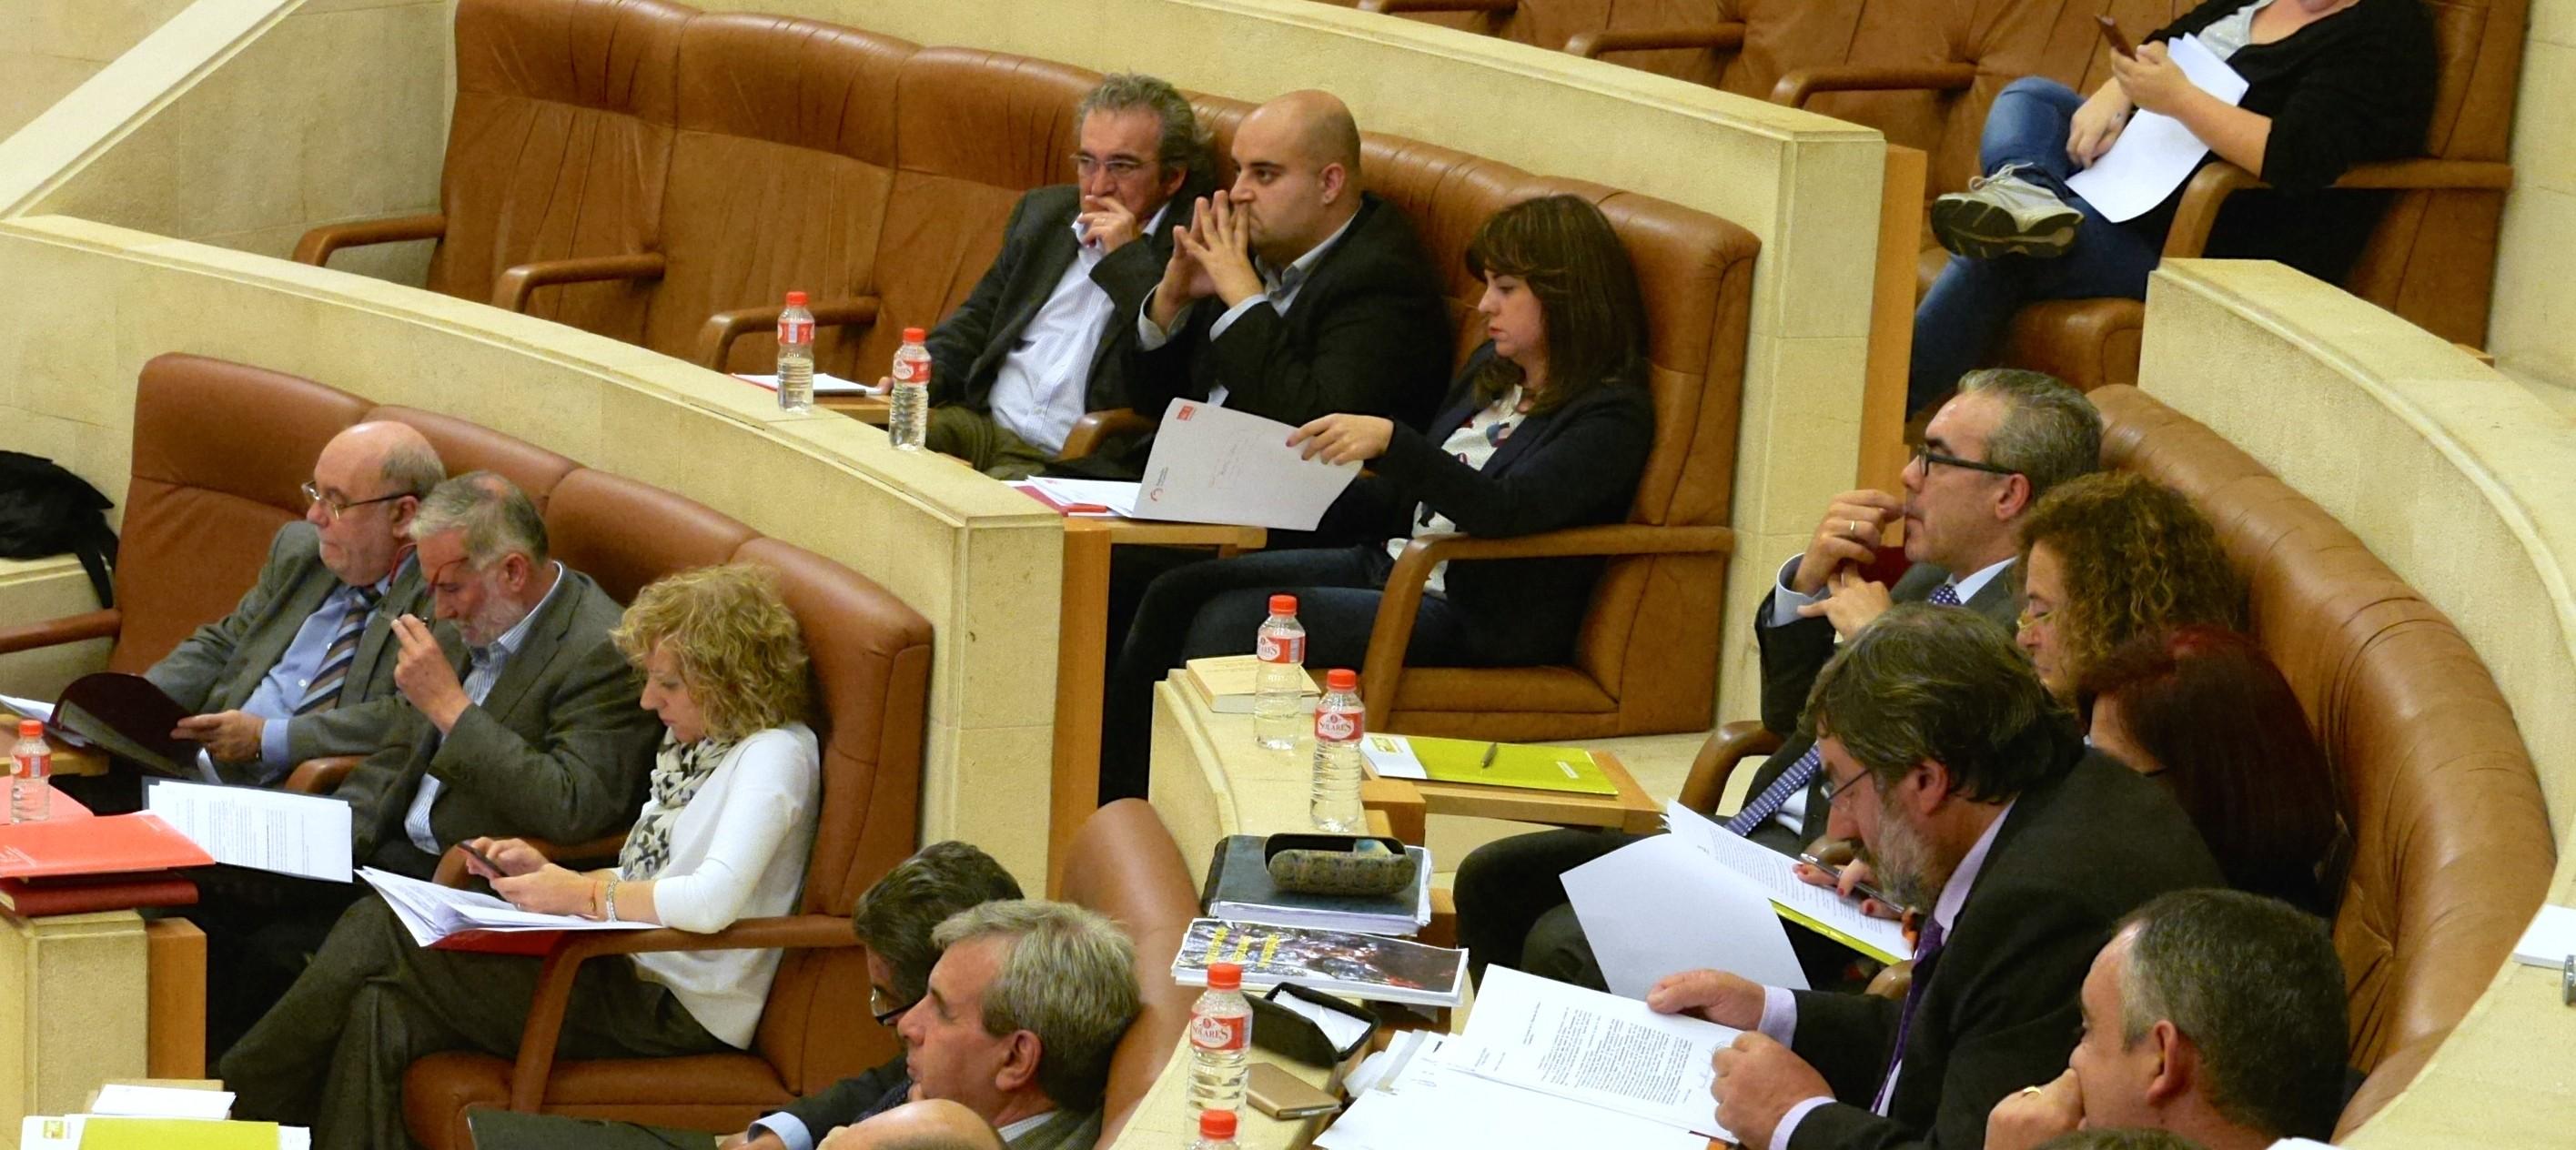 La composición del nuevo Parlamento de Cantabria ha forzado nuevas situaciones entre los partidos